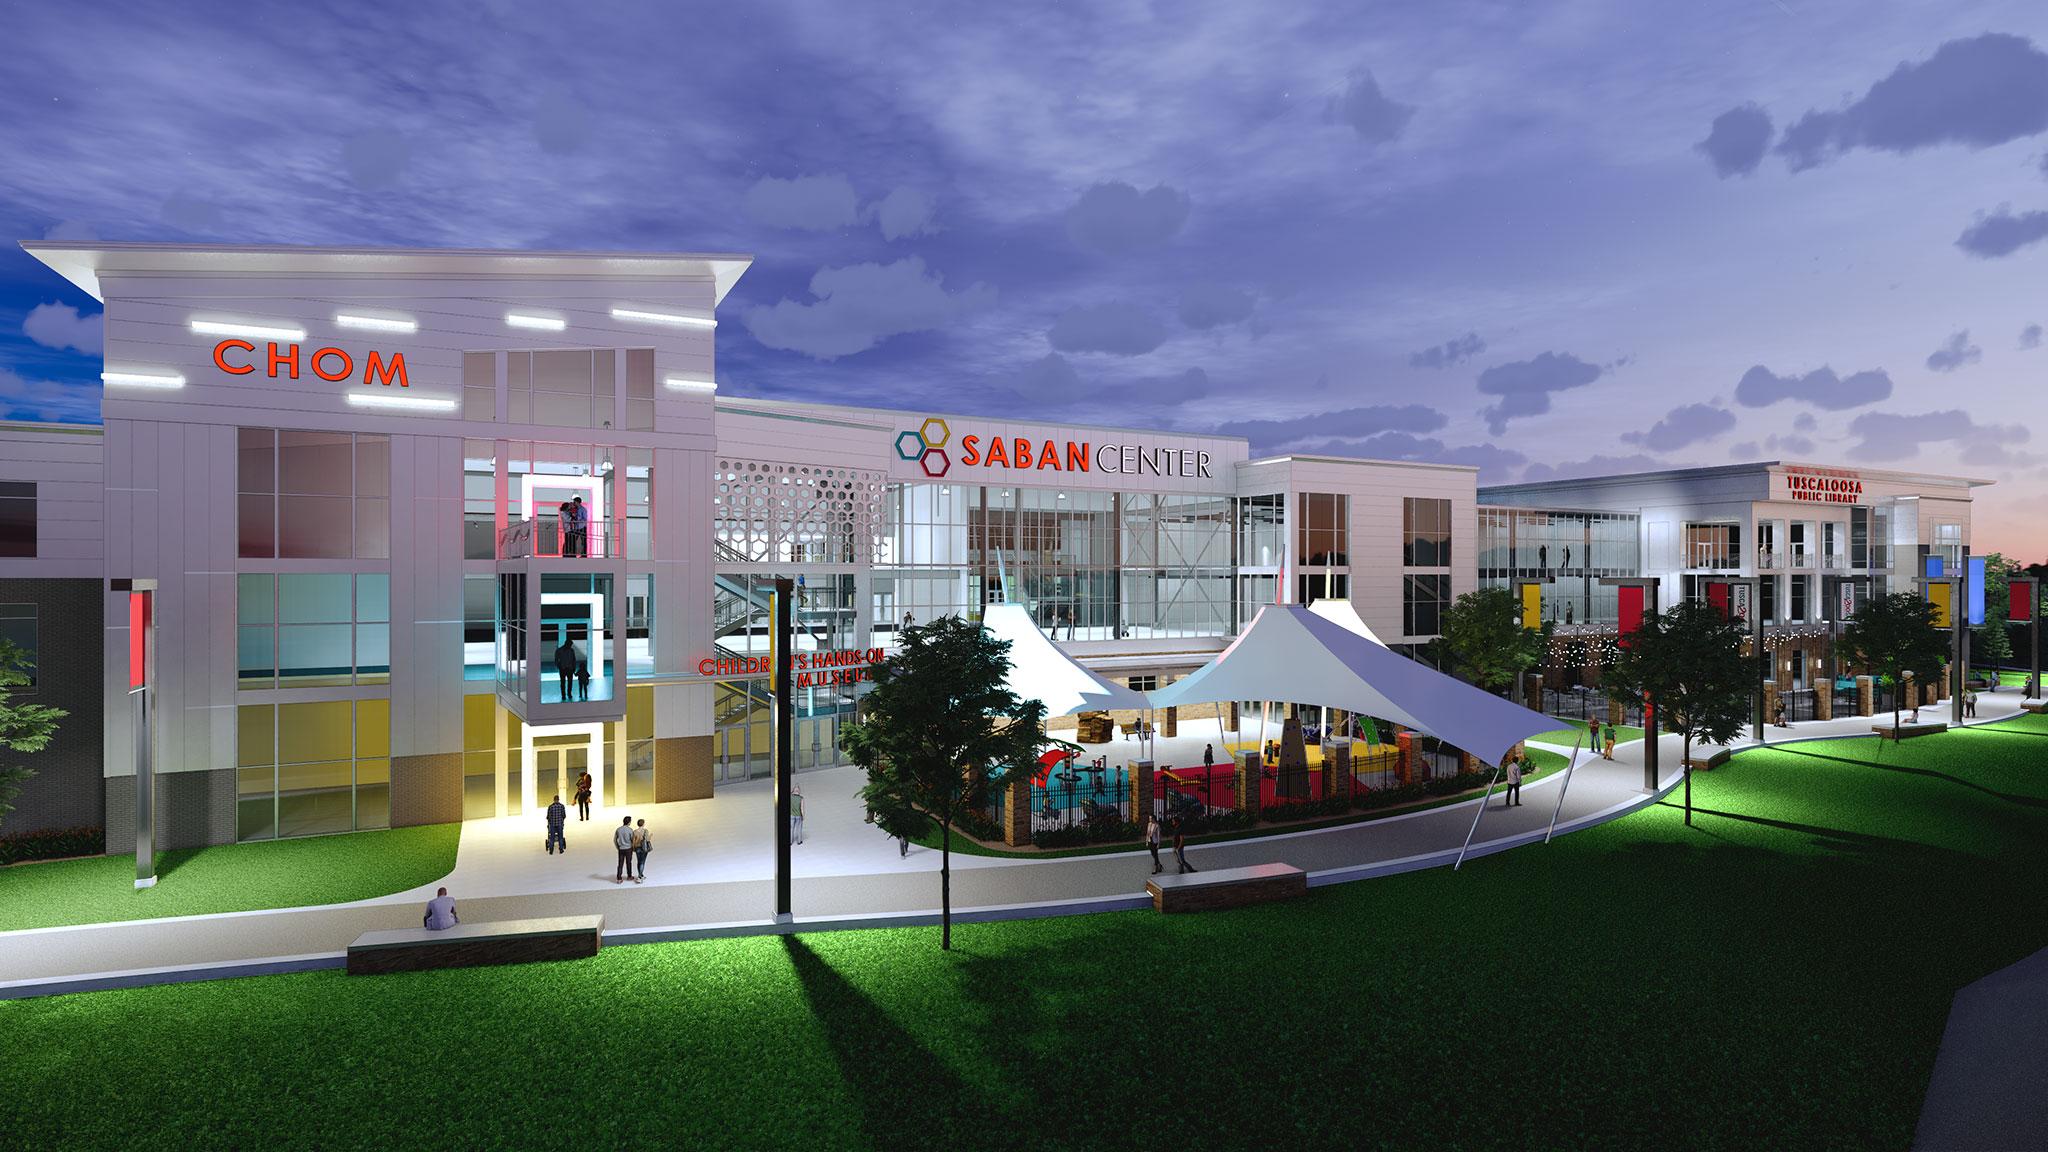 The Saban Center